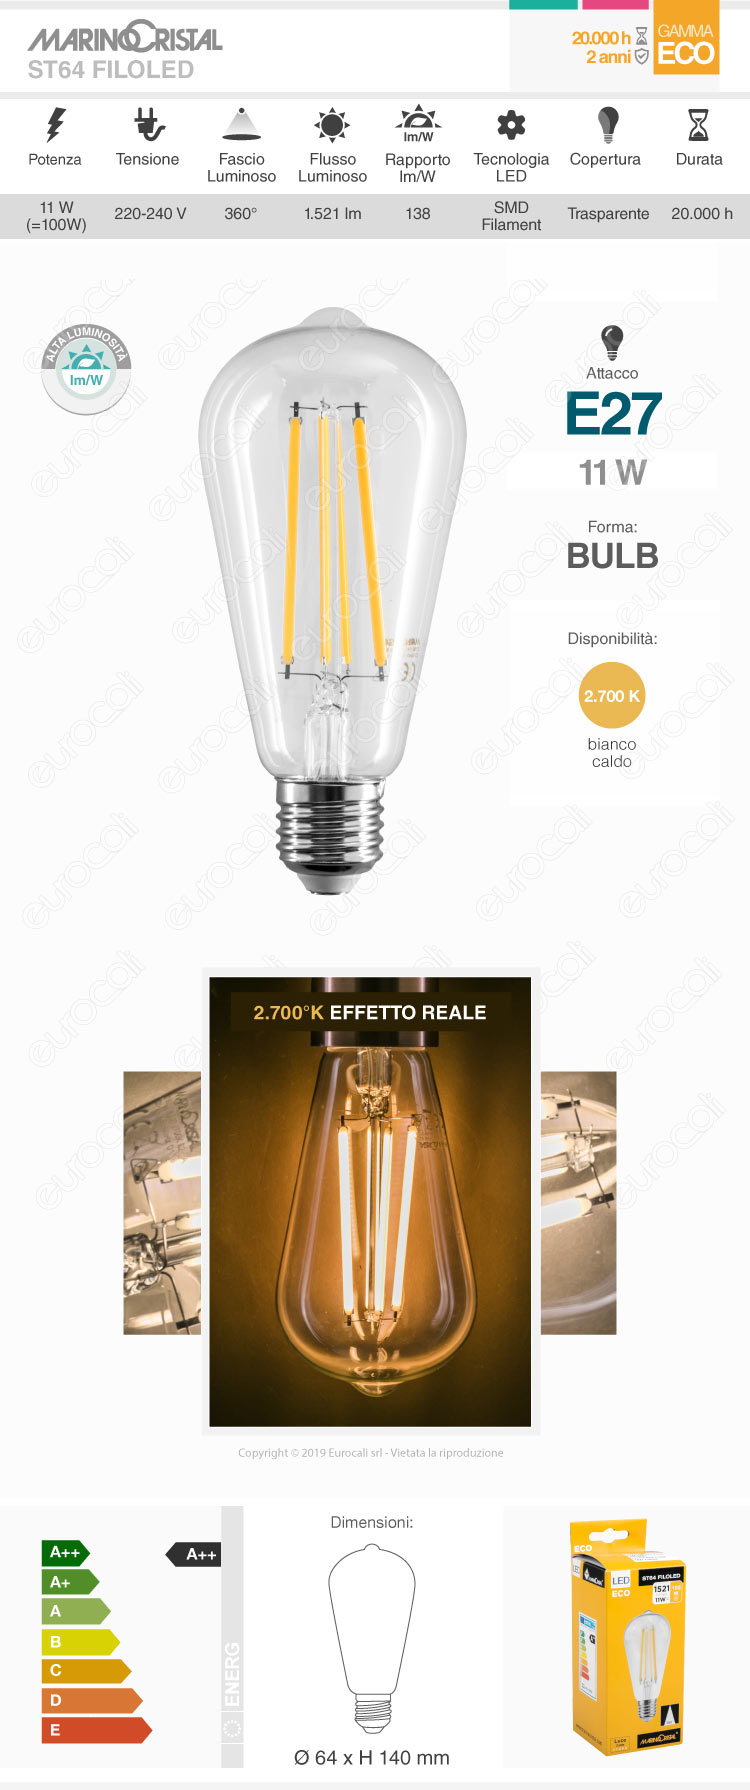 Lampadina LED E27 Marino Cristal Serie ECO 11W Bulb ST64 Filament